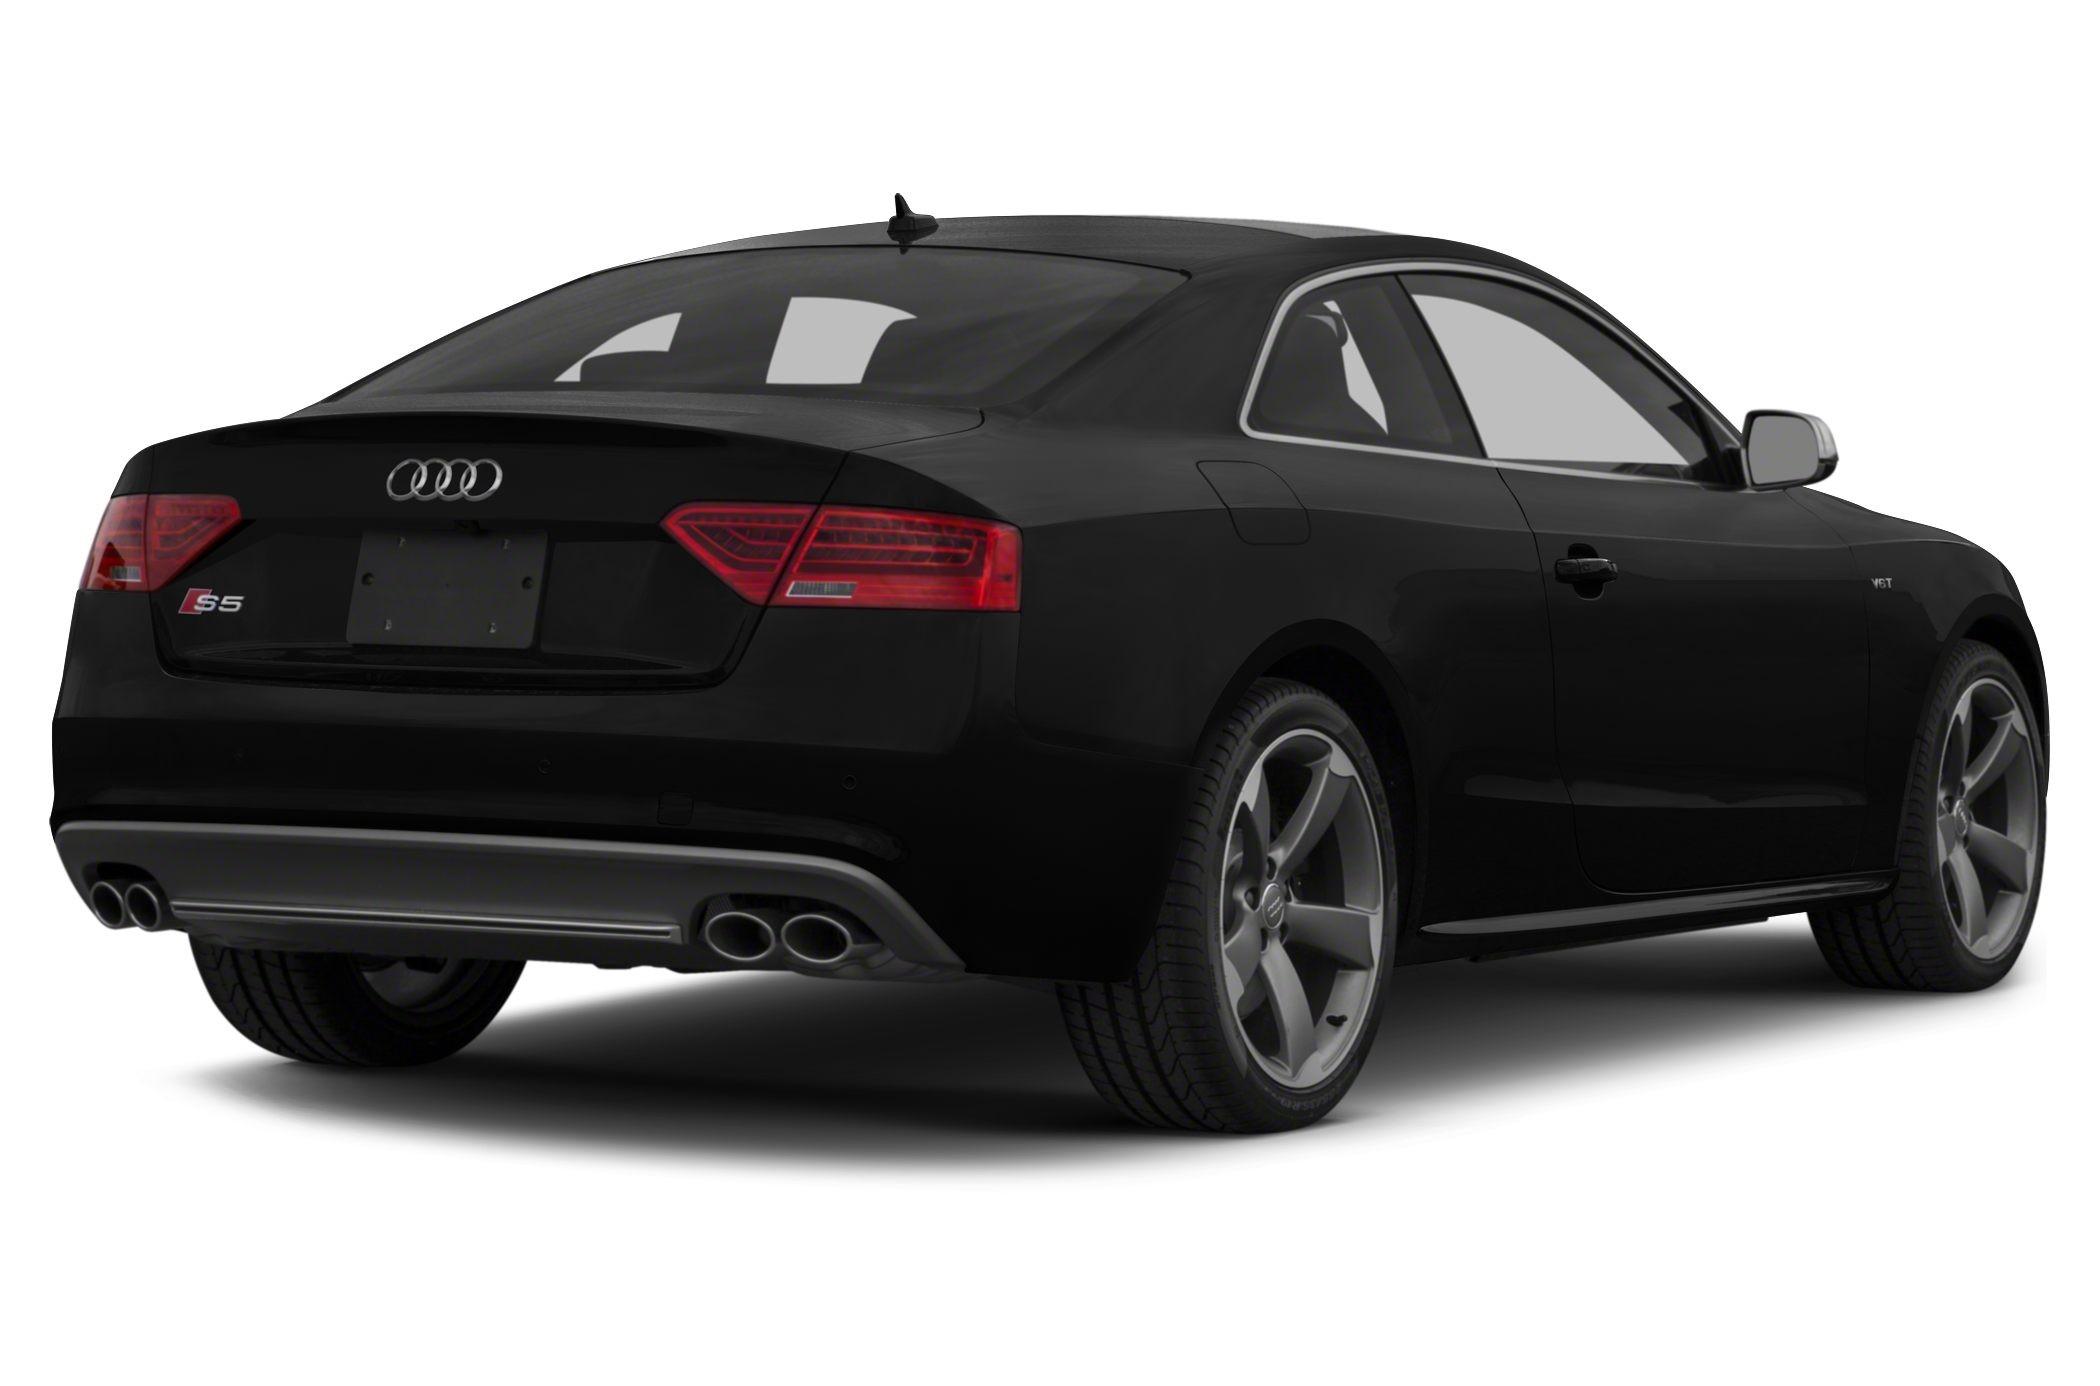 Ауди объявили цены на Ауди A5 иS5 Coupe в РФ